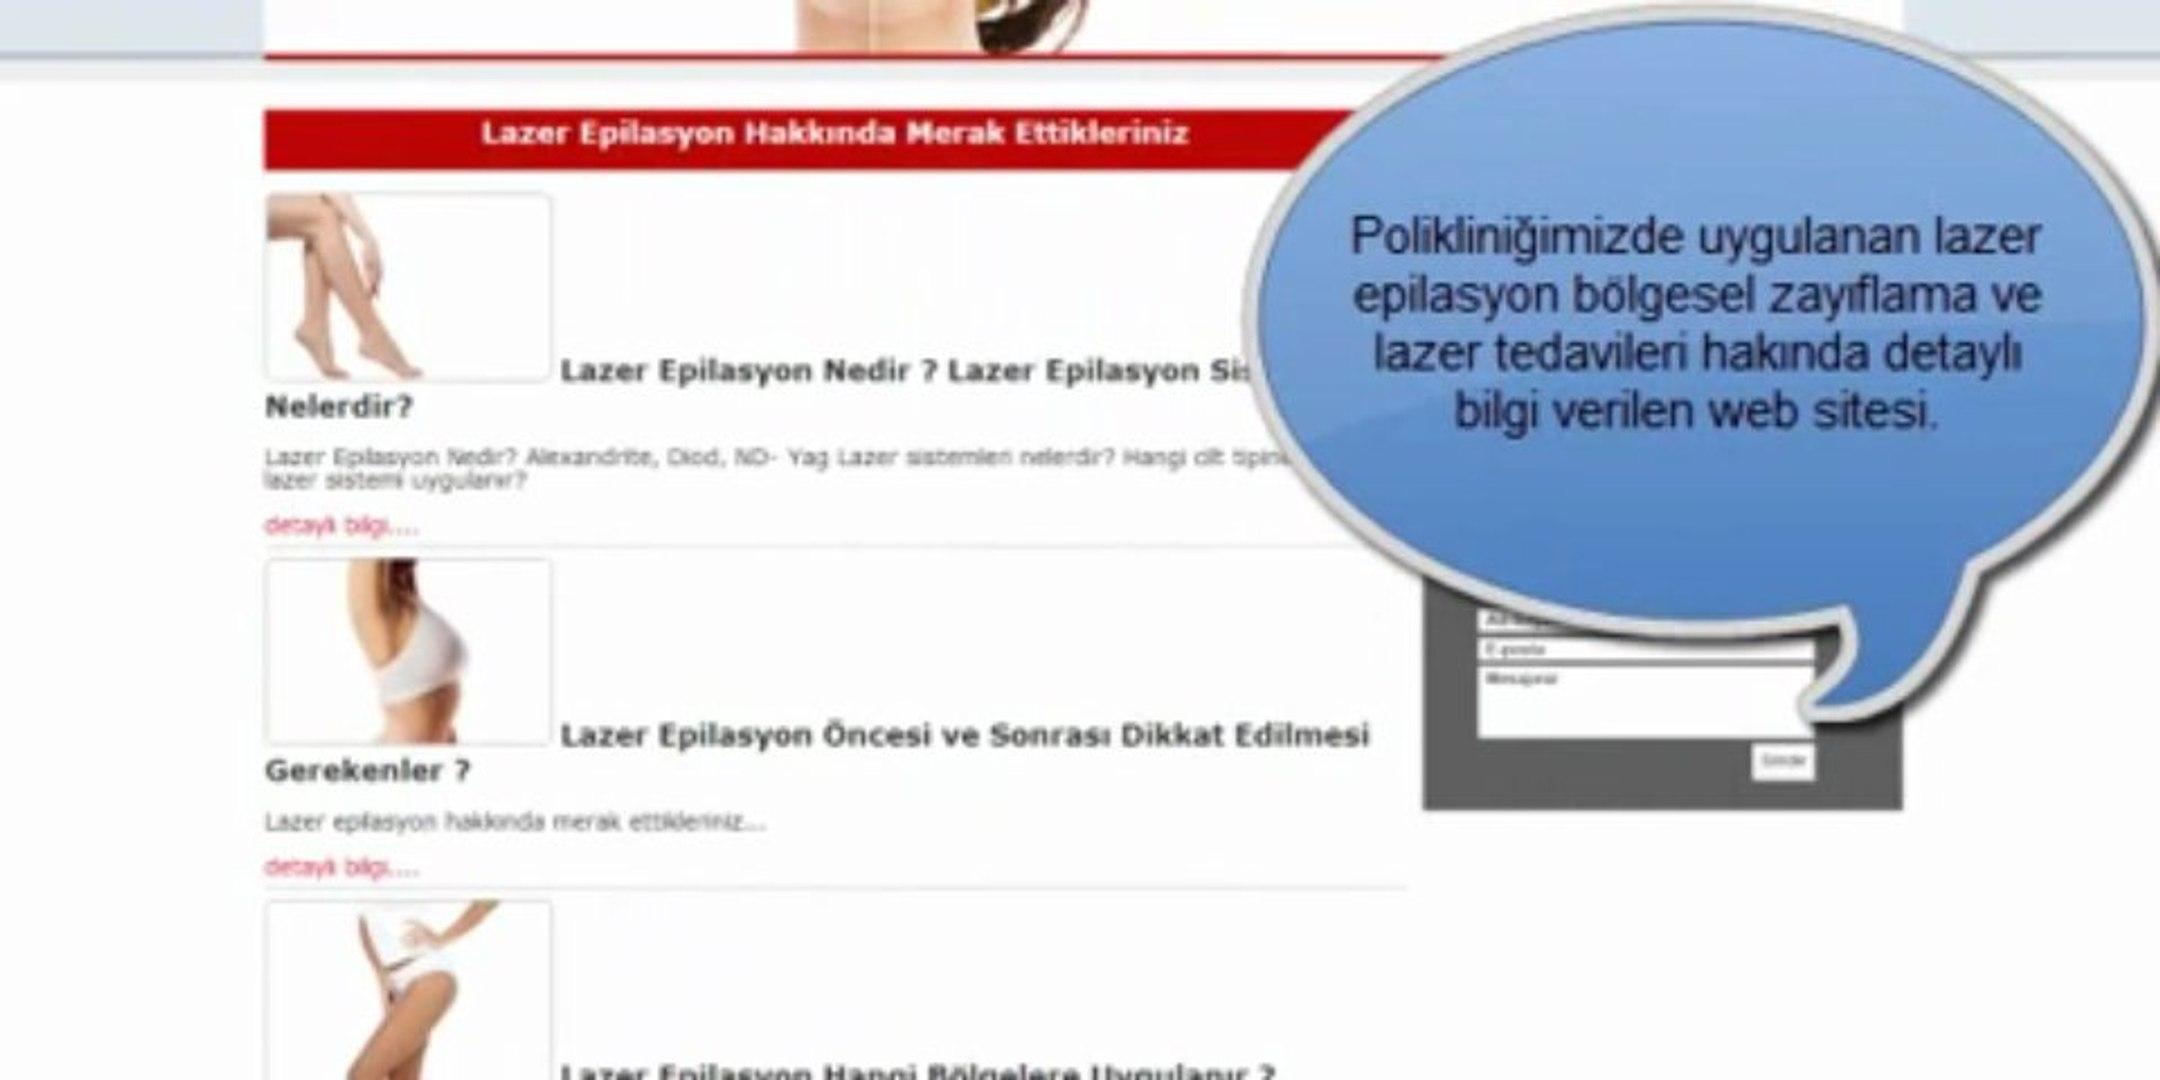 Lazer Epilasyon Bolgesel Zayiflama Lazer Tedavilerini Anlatan Site